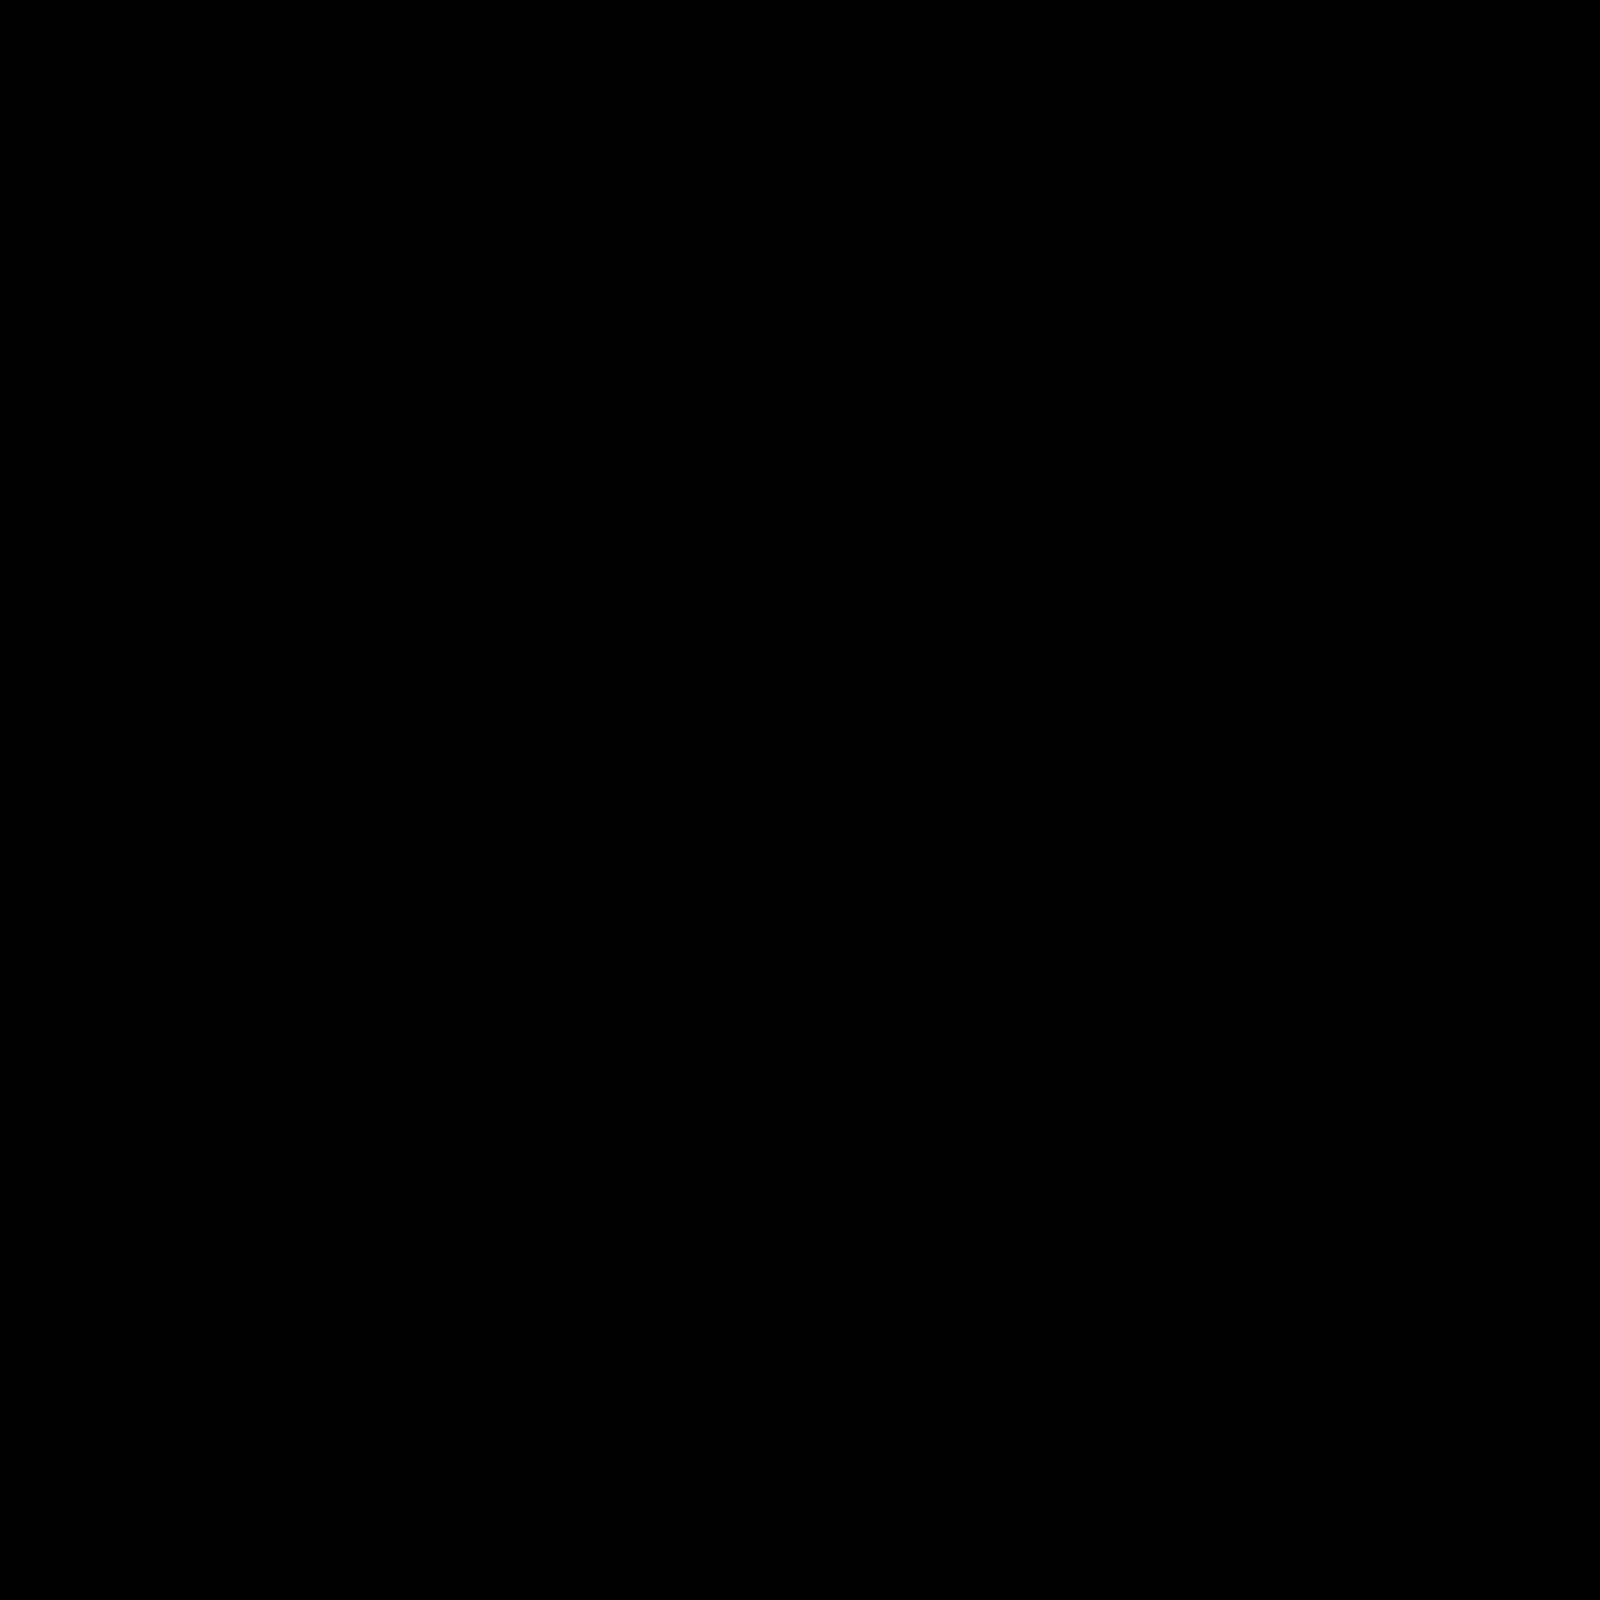 运行命令 icon. This logo is of a credit card. It is the backside of a credit card, displaying the swipe stripe and the box for the signature. The logo is slightly slanting to the right and has three speed lines on the left side, indicating movement.